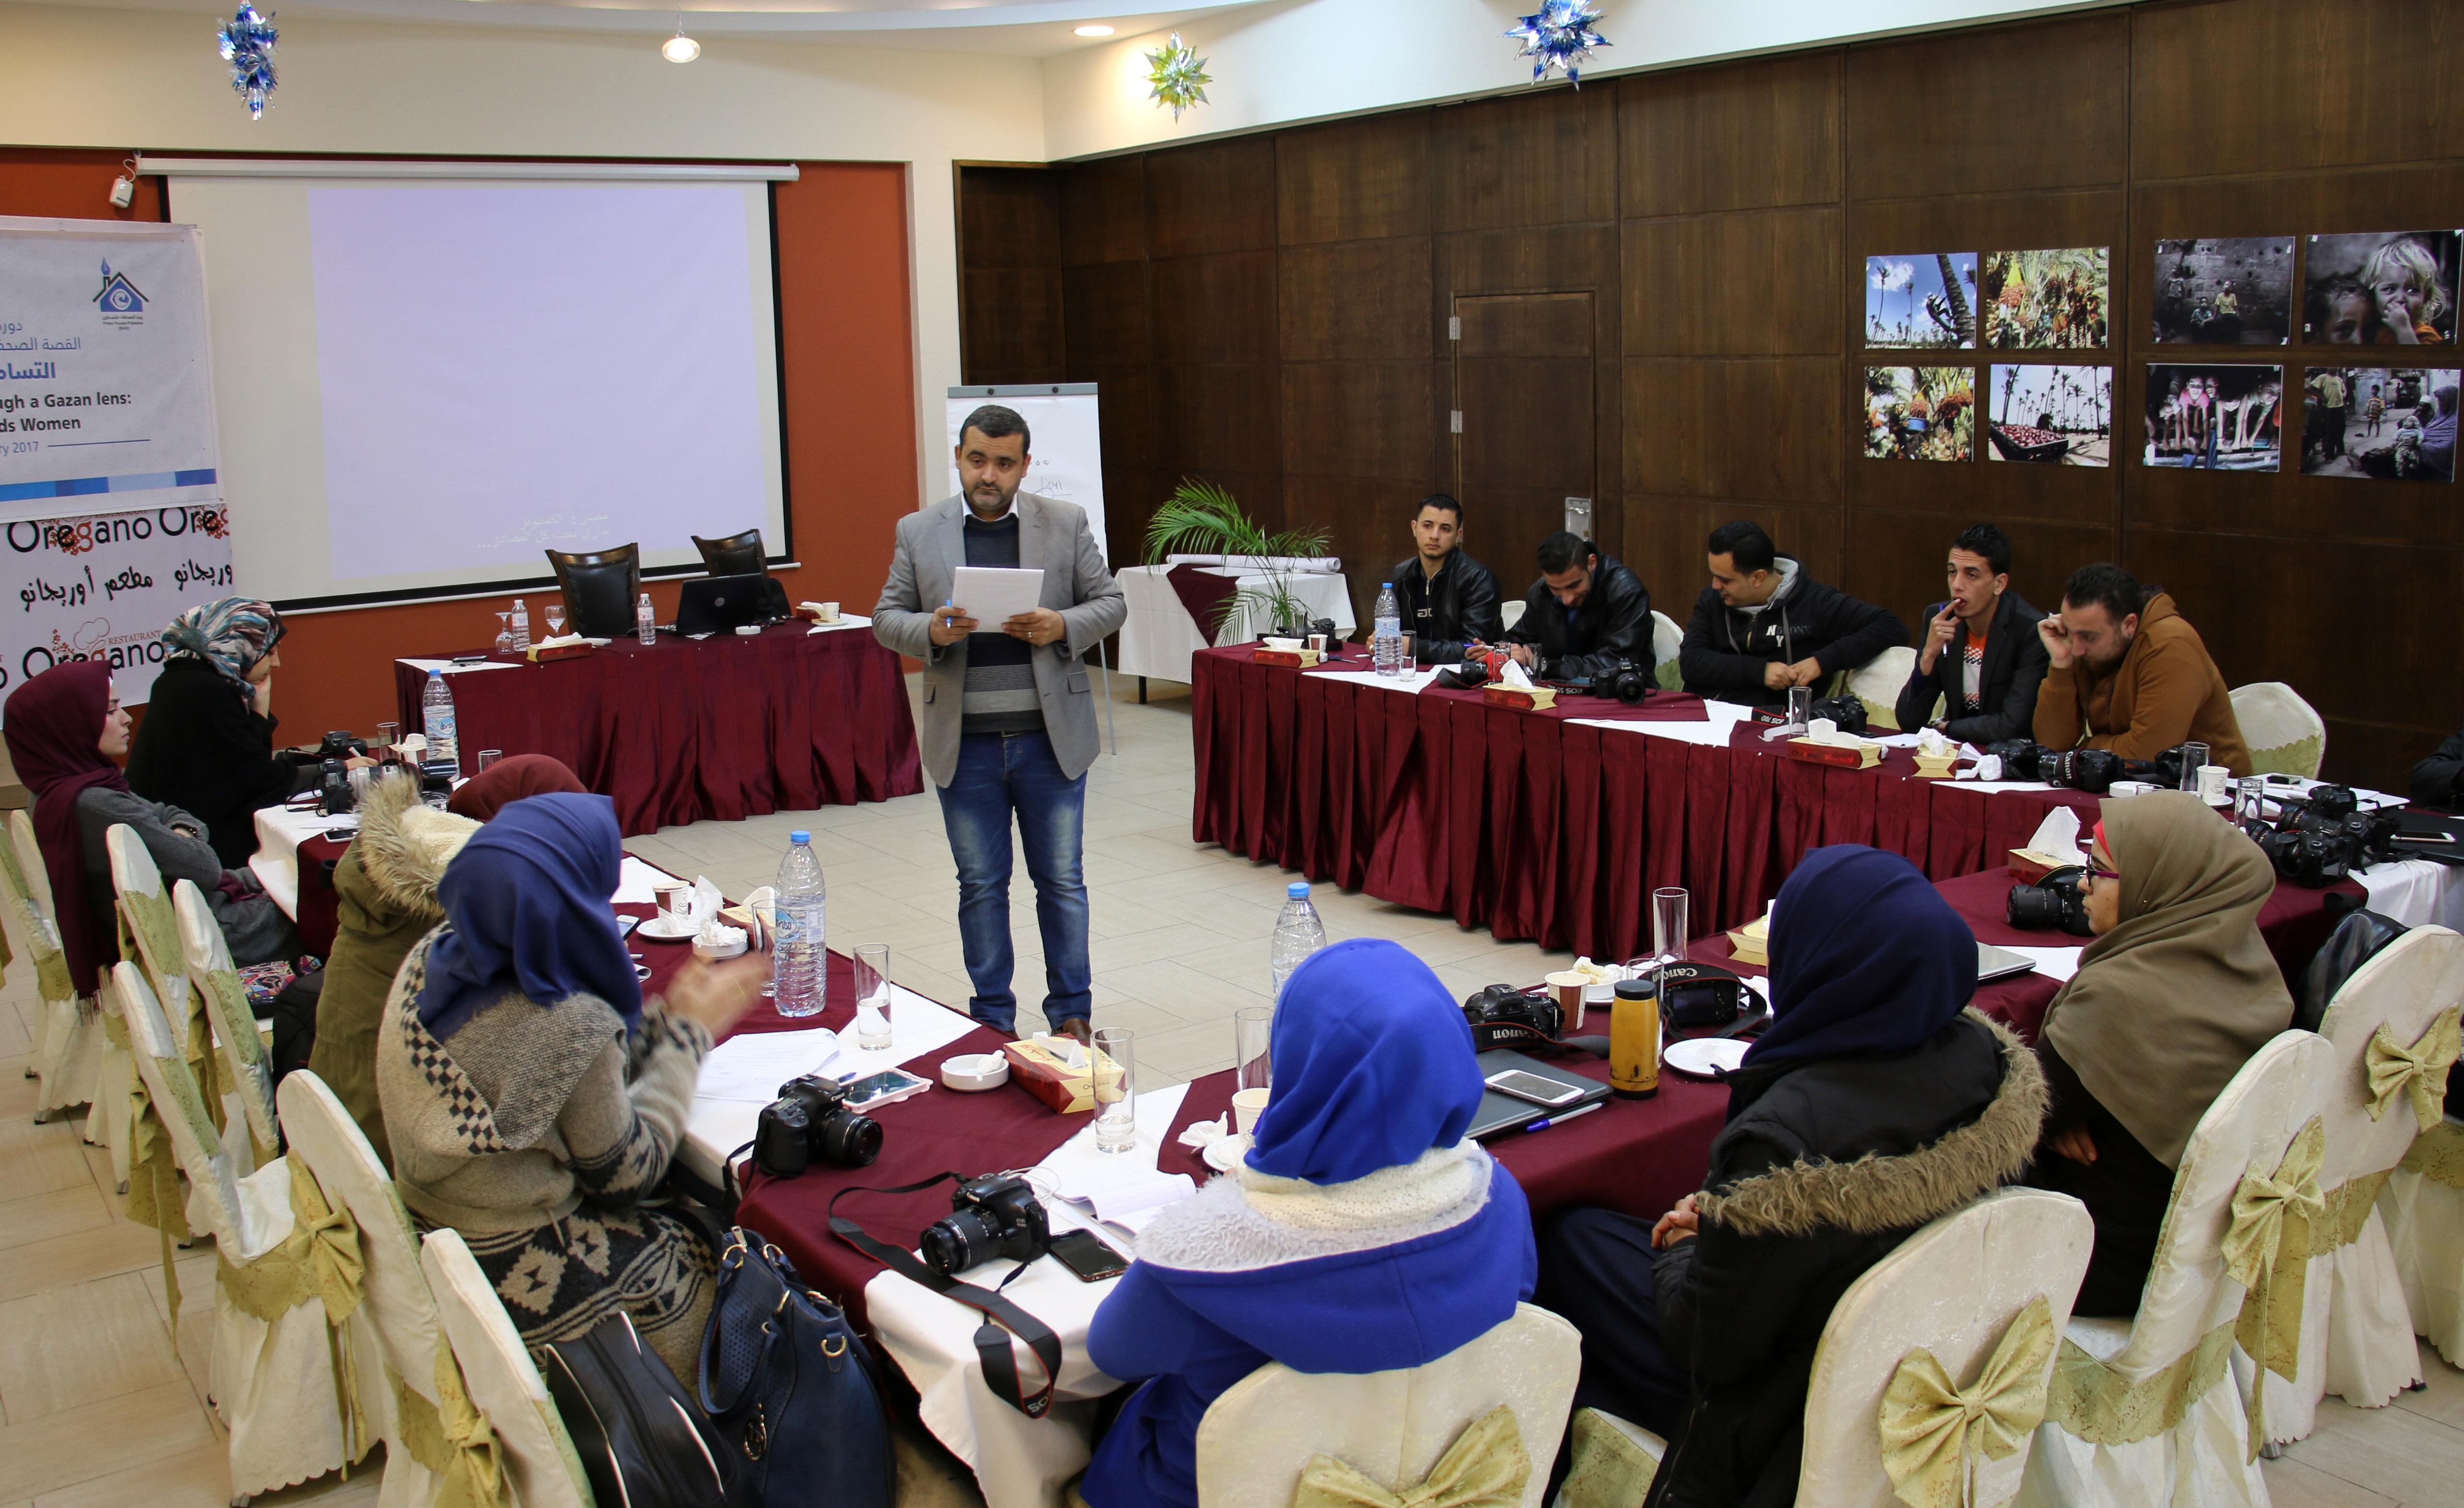 بتمويل هولندي.. بيت الصحافة يختتم دورة تدريبية بعنوان القصة الصحفية المصورة